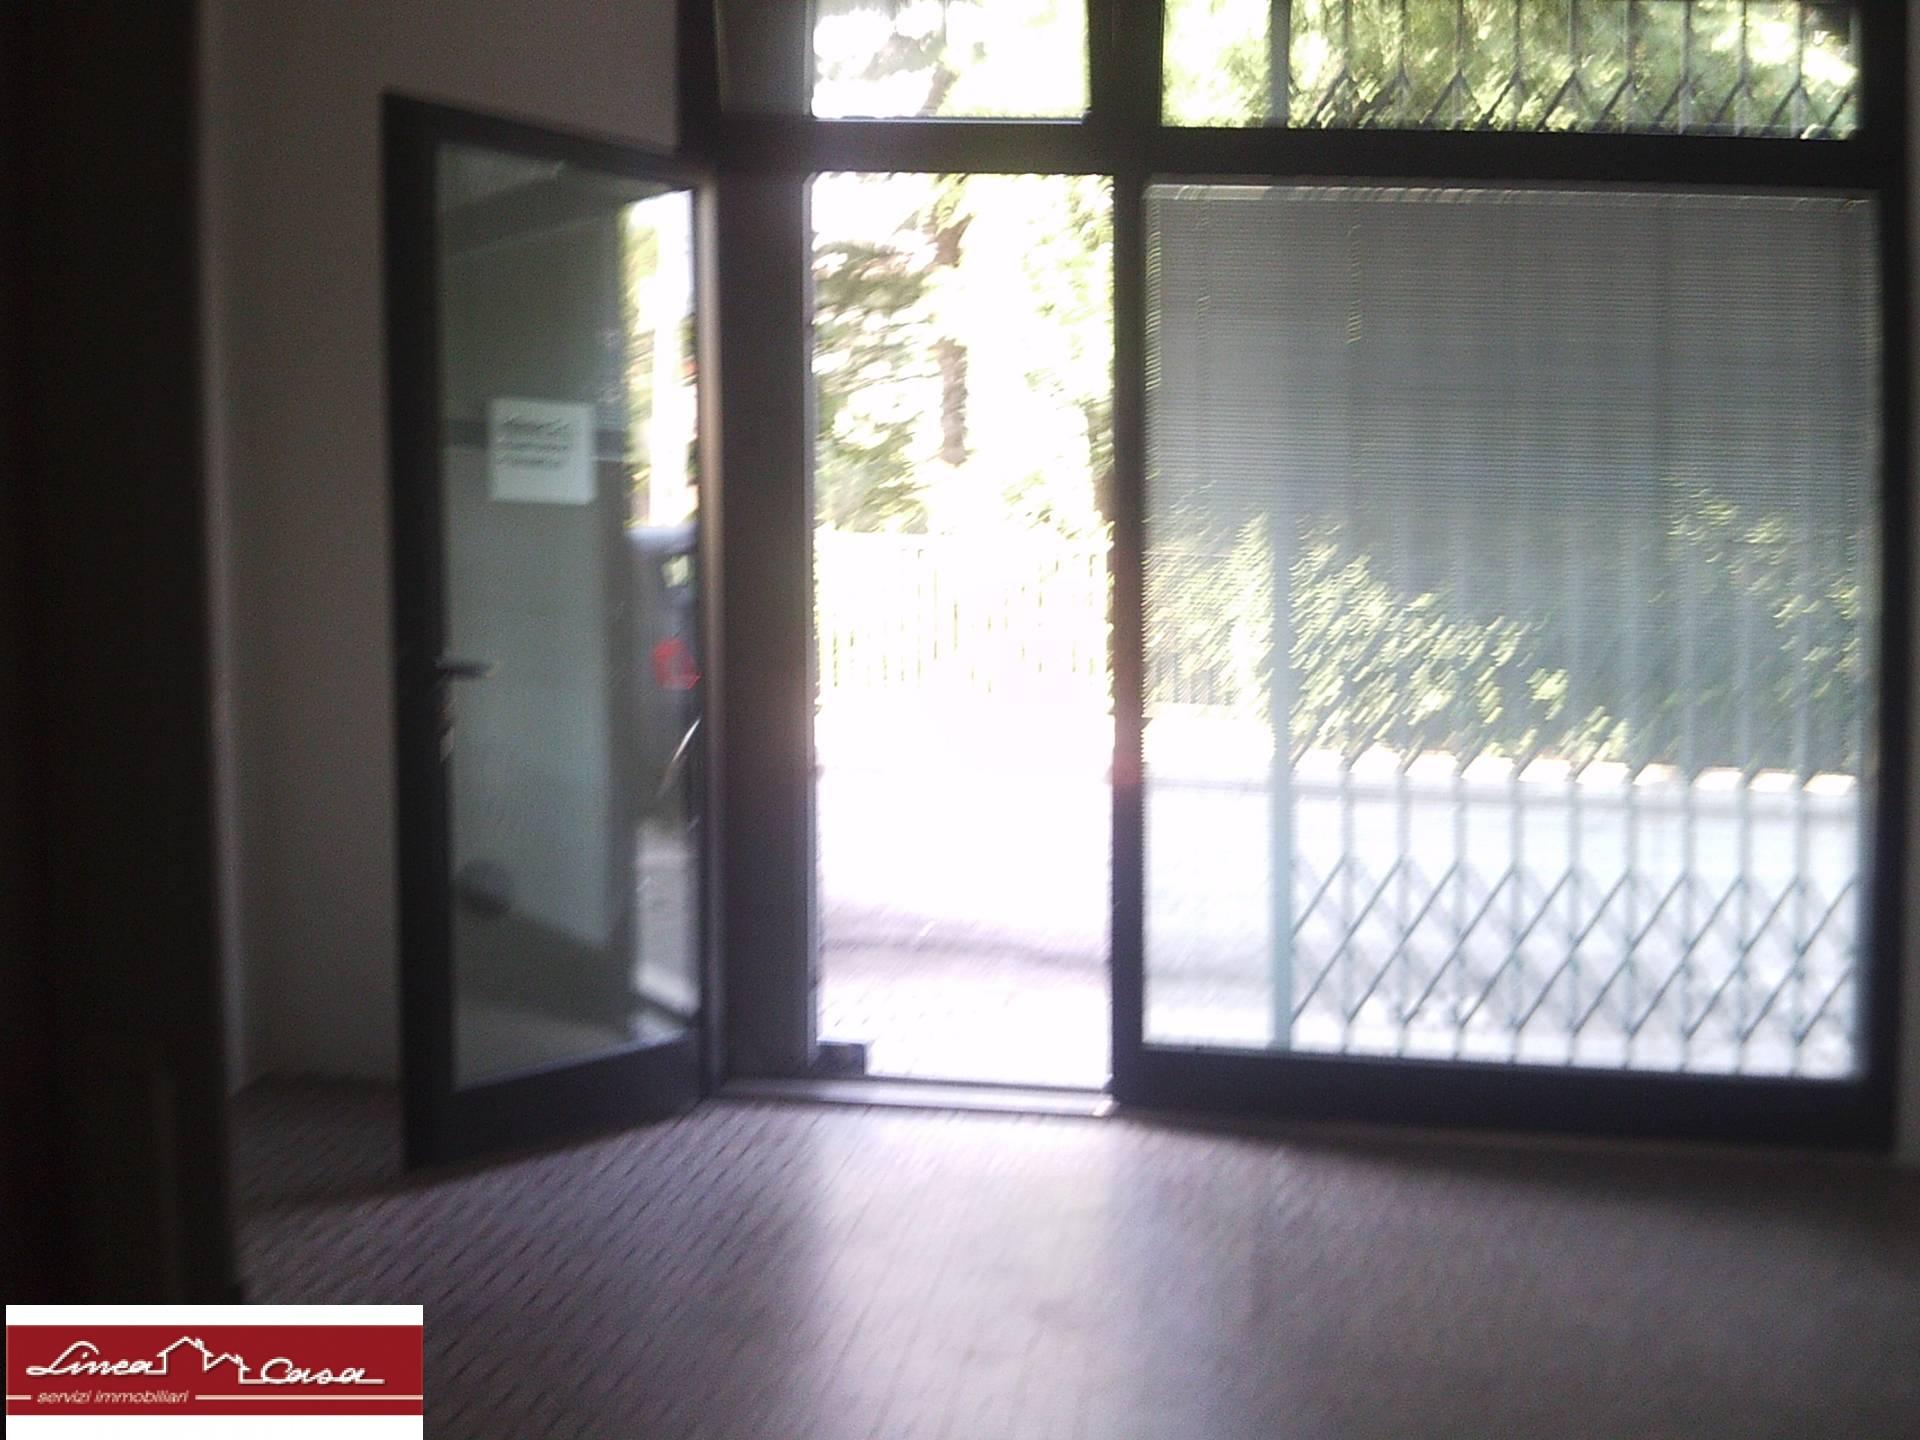 Negozio / Locale in affitto a Portomaggiore, 9999 locali, zona Località: Portomaggiore, prezzo € 300 | CambioCasa.it